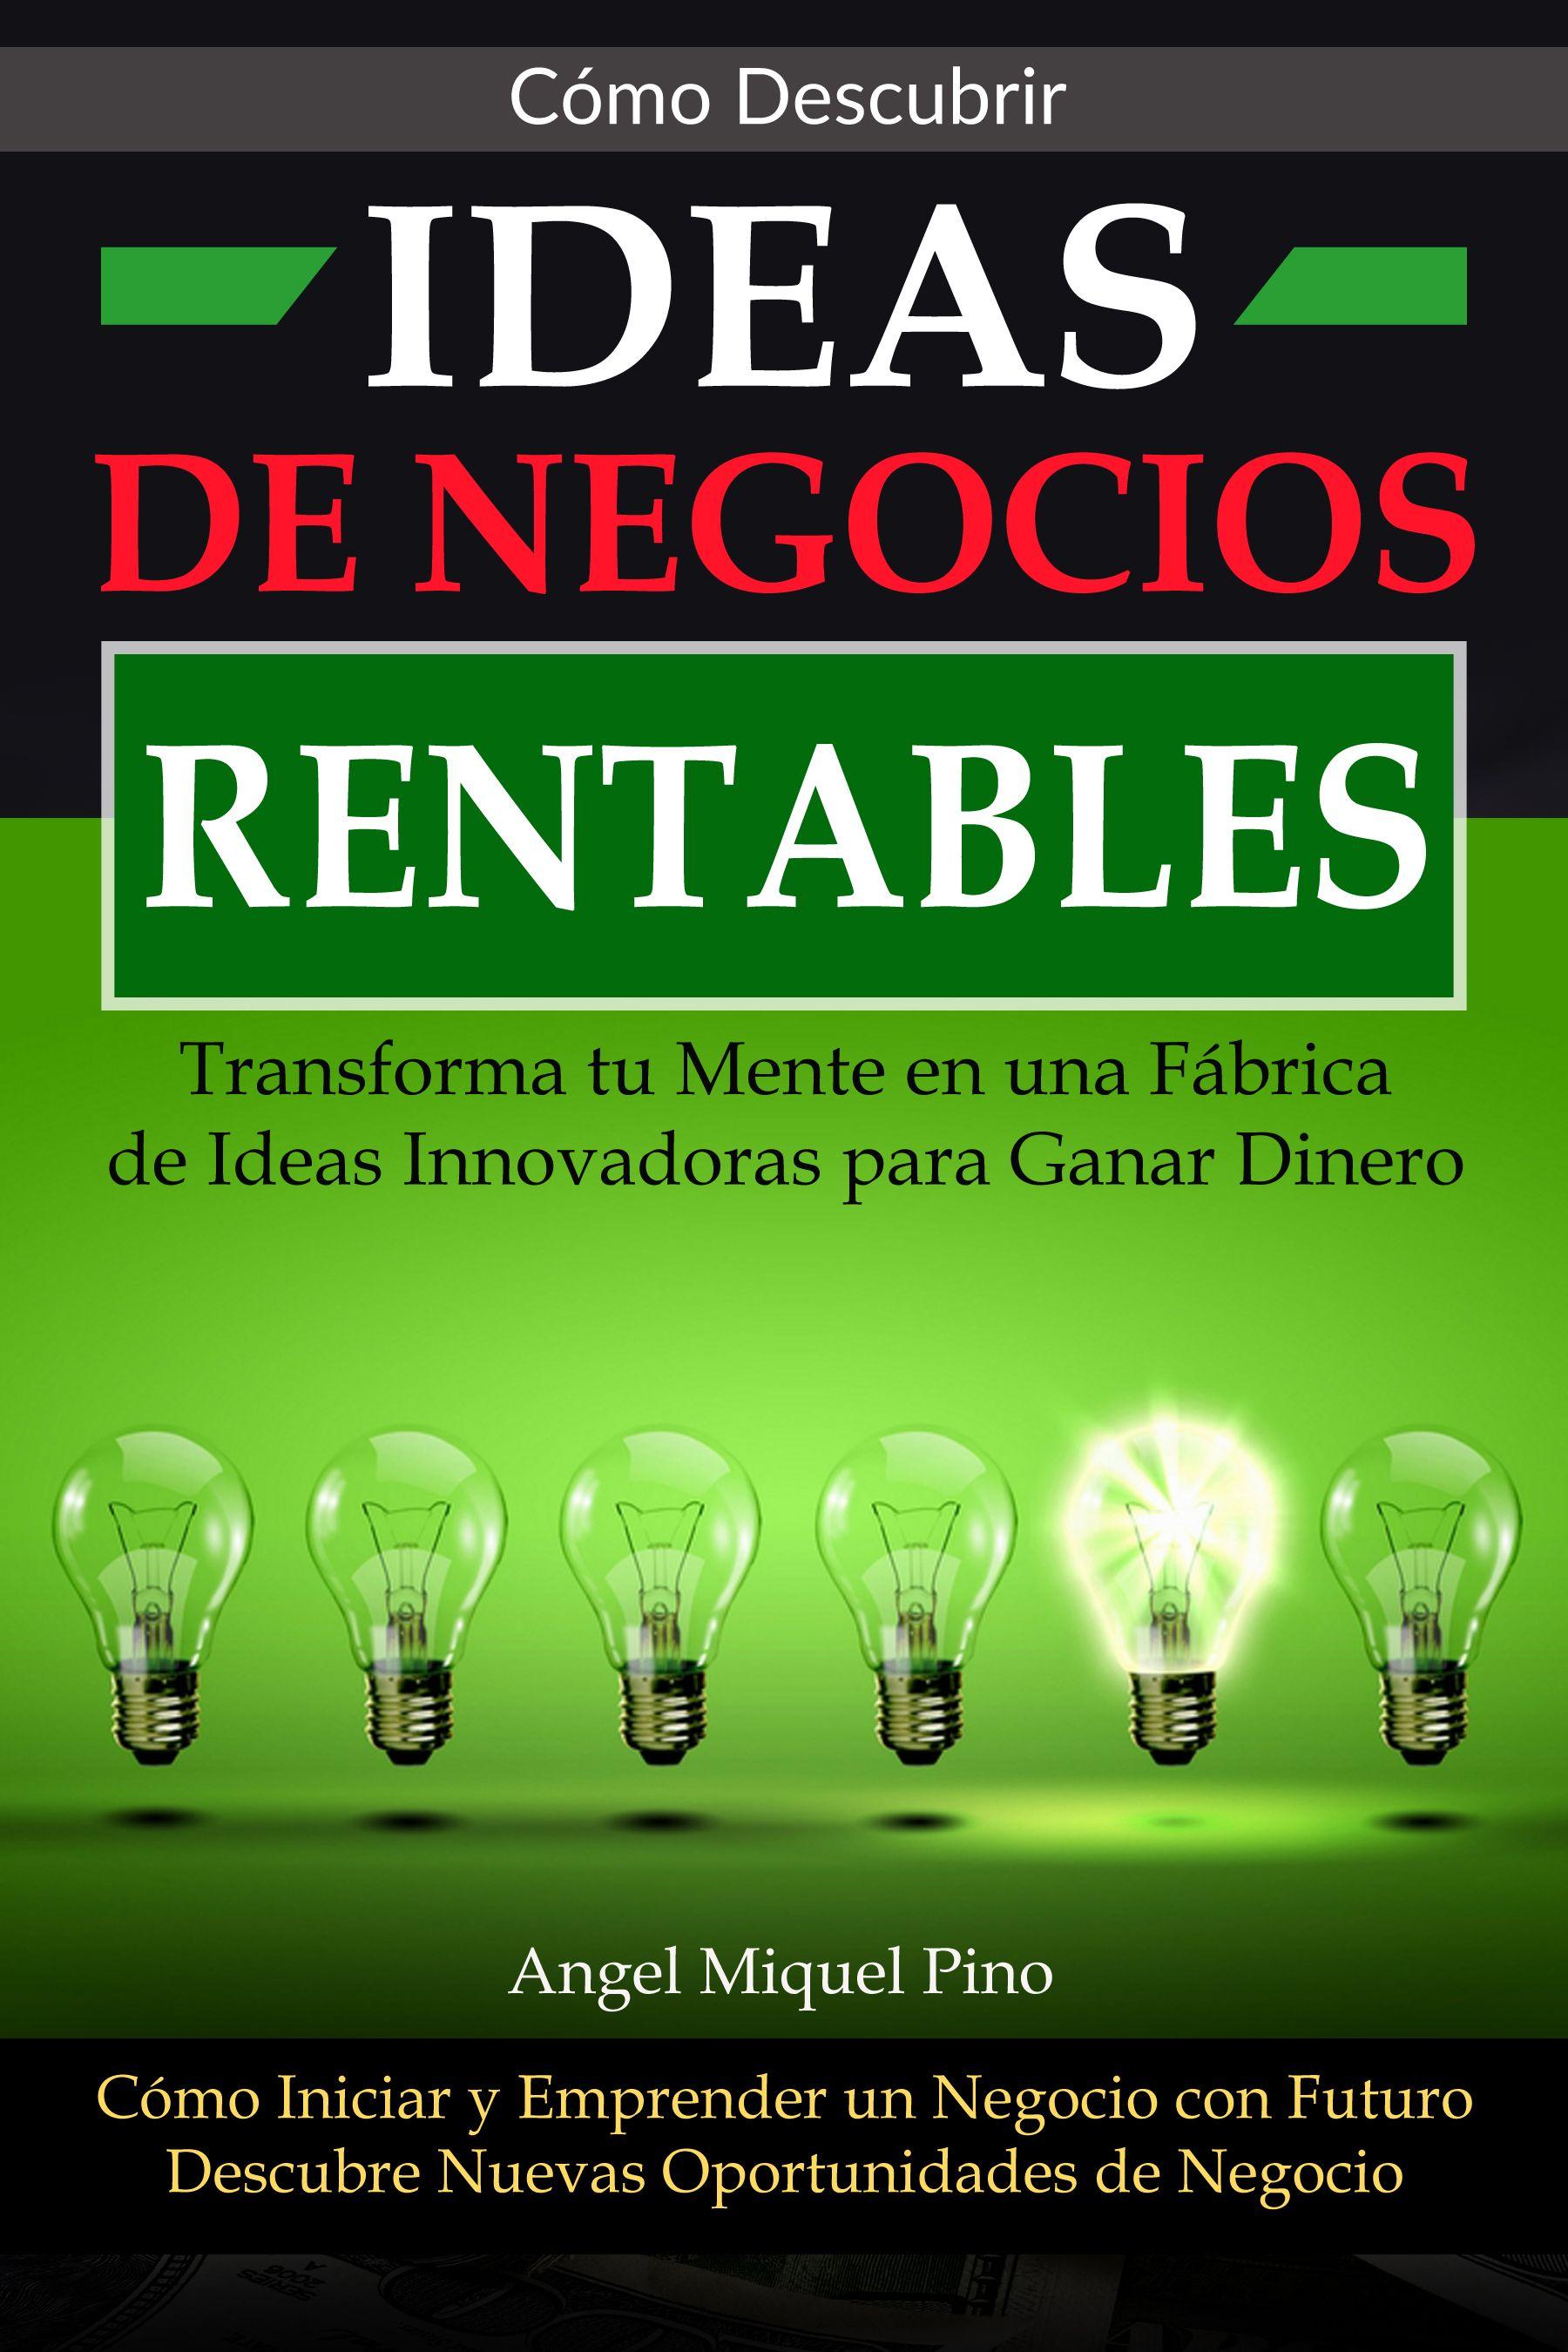 Los Mejores Libros Del Ano Que Transformaran Tus Finanzas Para Siempre Negocios Rentables Libros De Negocios Finanzas